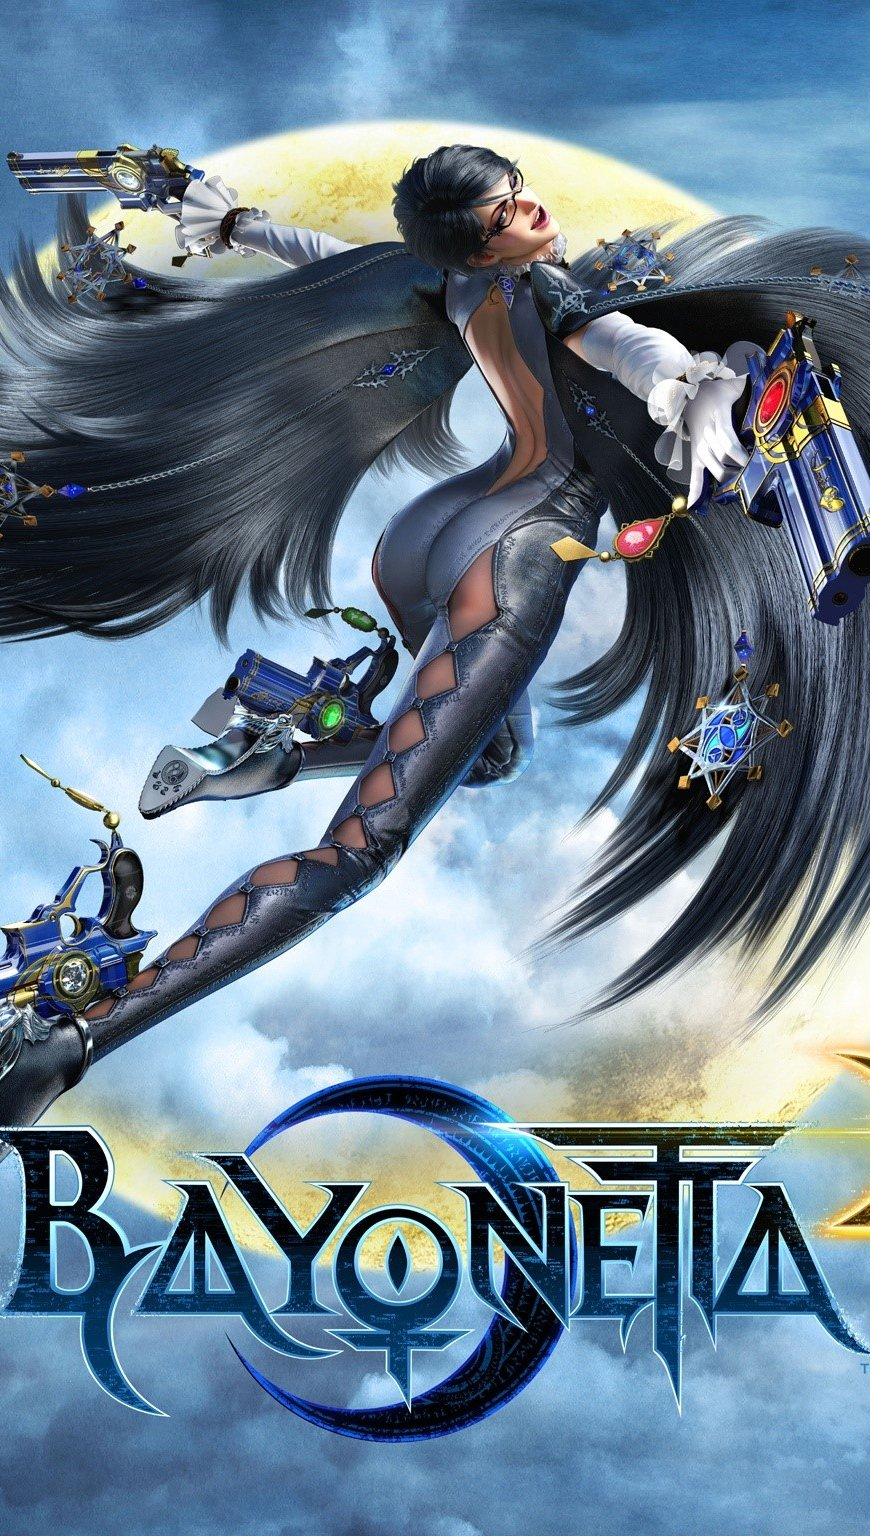 Wallpaper Bayonetta 2 Vertical